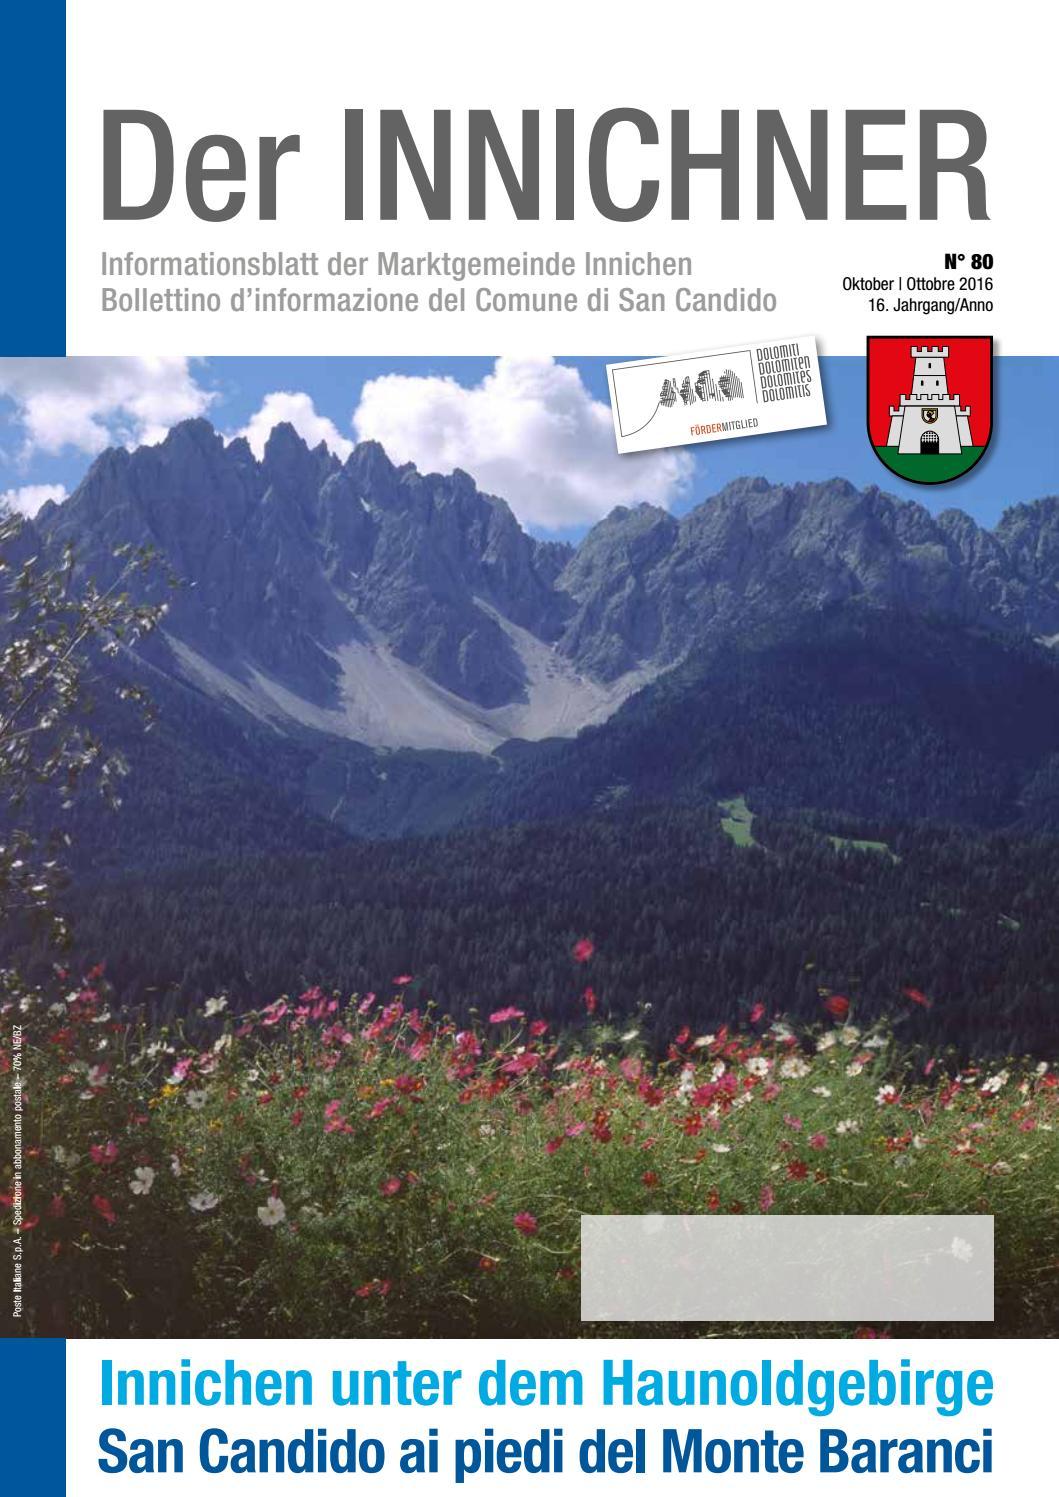 Nr./n. 80 2016 Der Innichner by Gemeinde Innichen - issuu